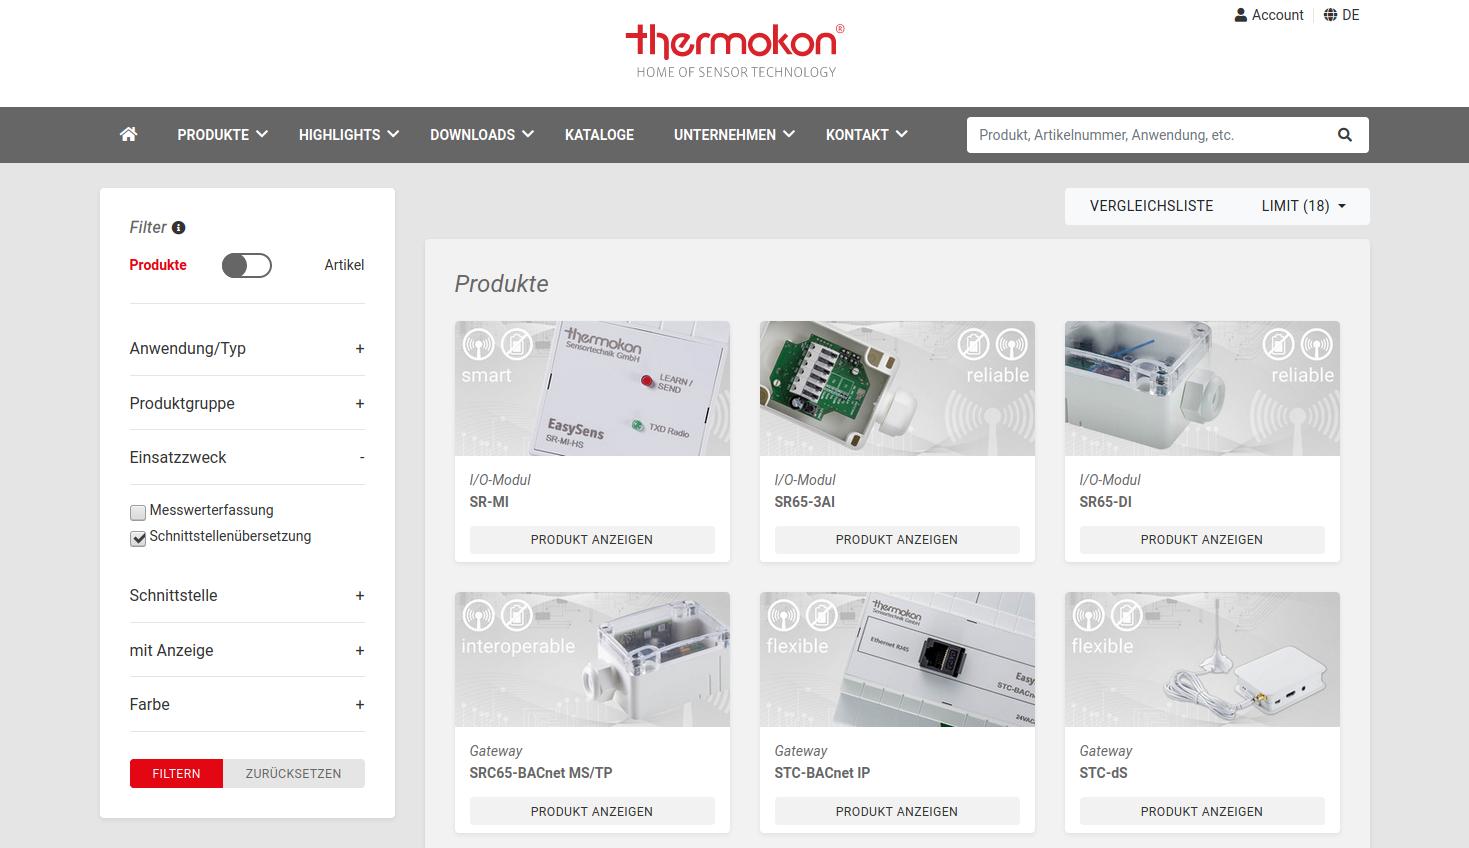 Thermokon Direct: der B2B-Shop für Geräte von Thermokon